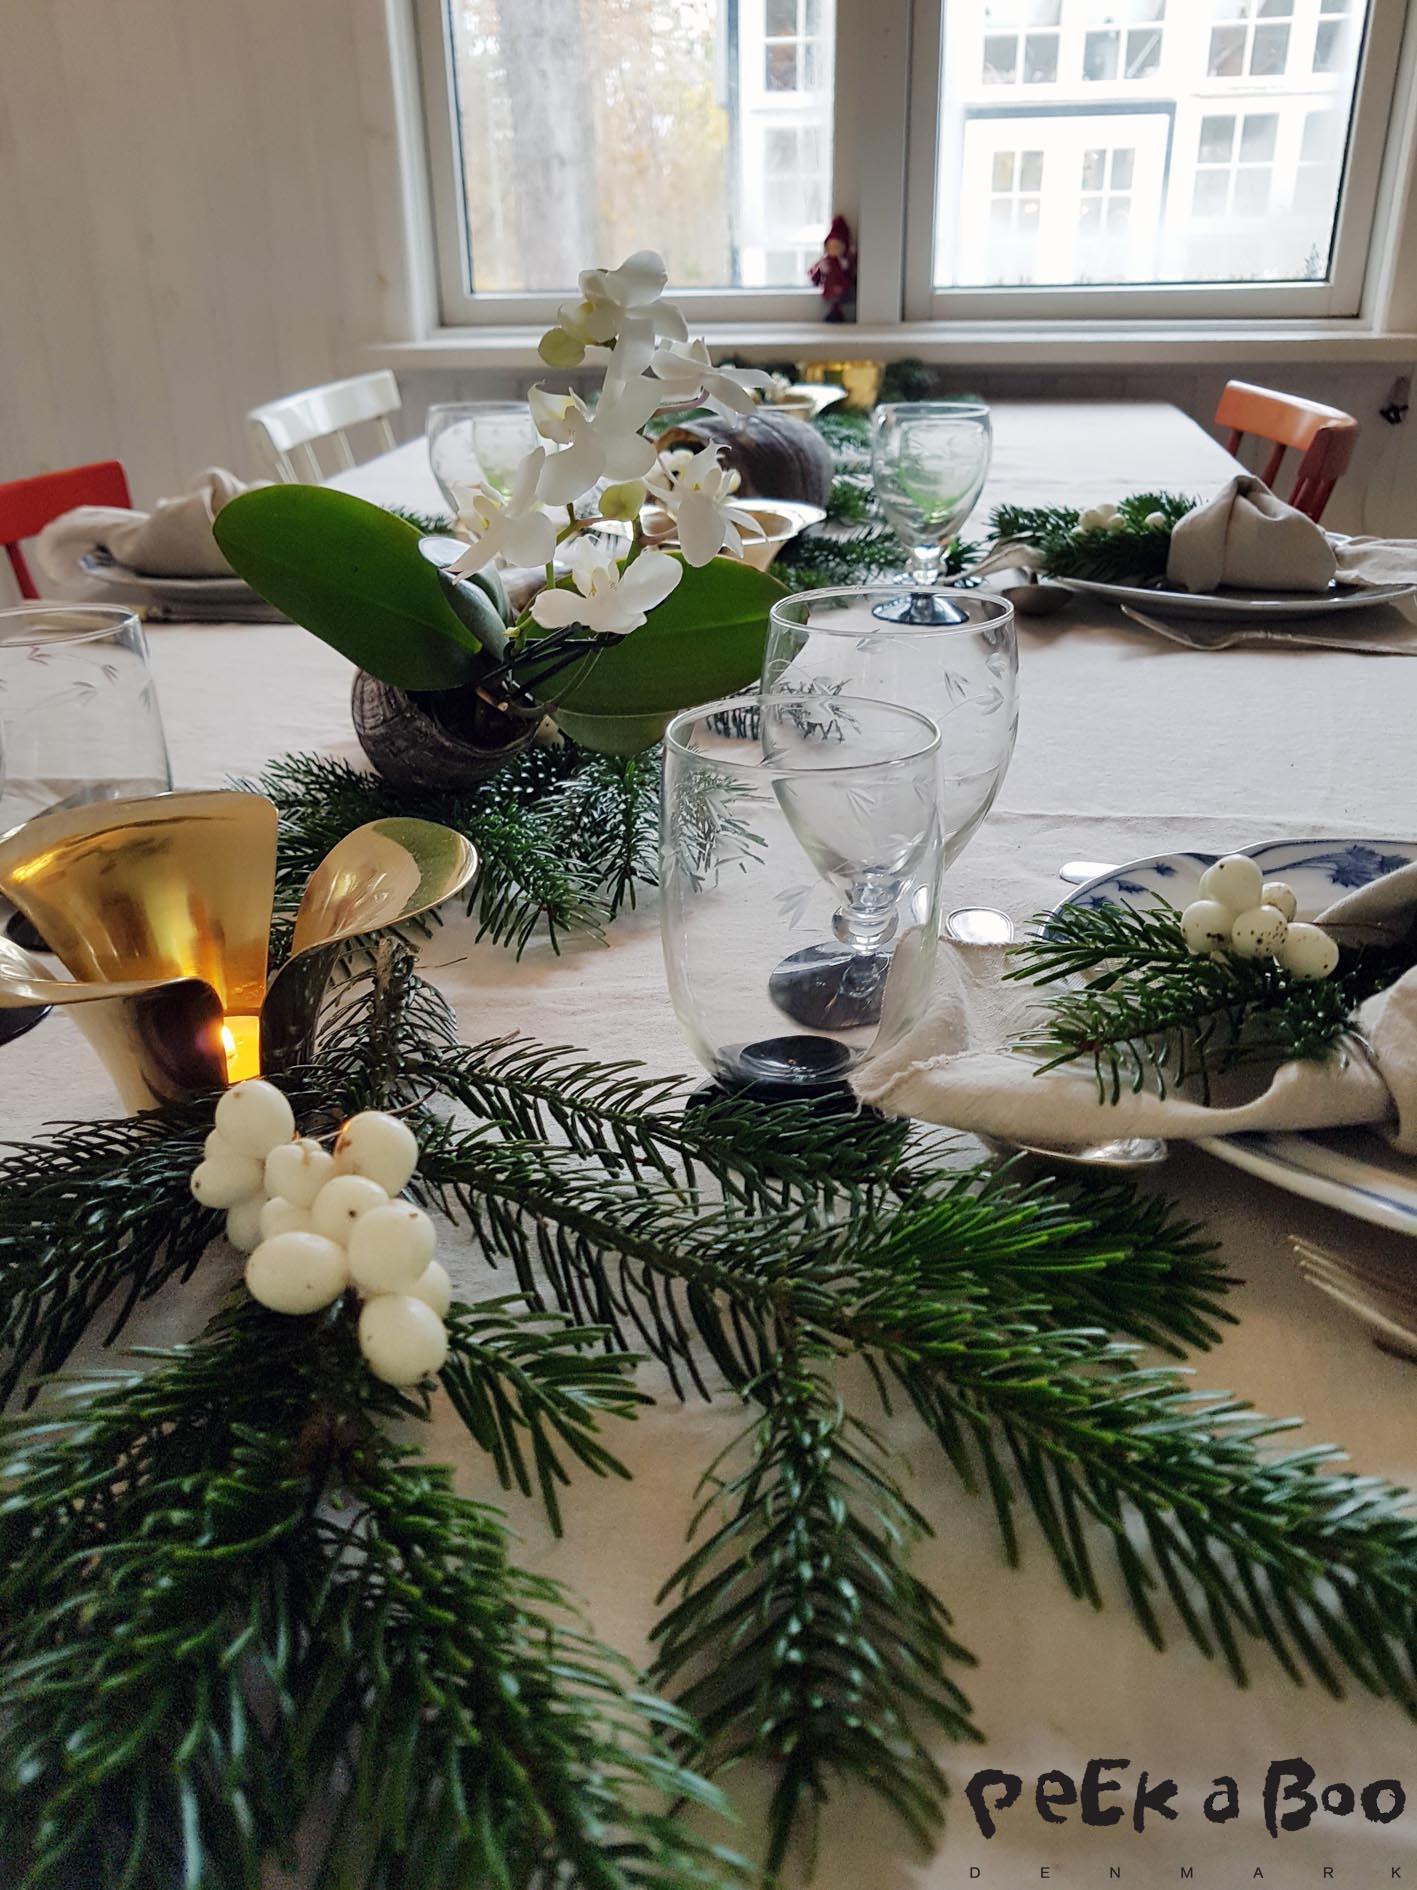 Gran og snebær blandet med fine messing stager fra Ikea. Kohornene kan du få hos Læderiet.